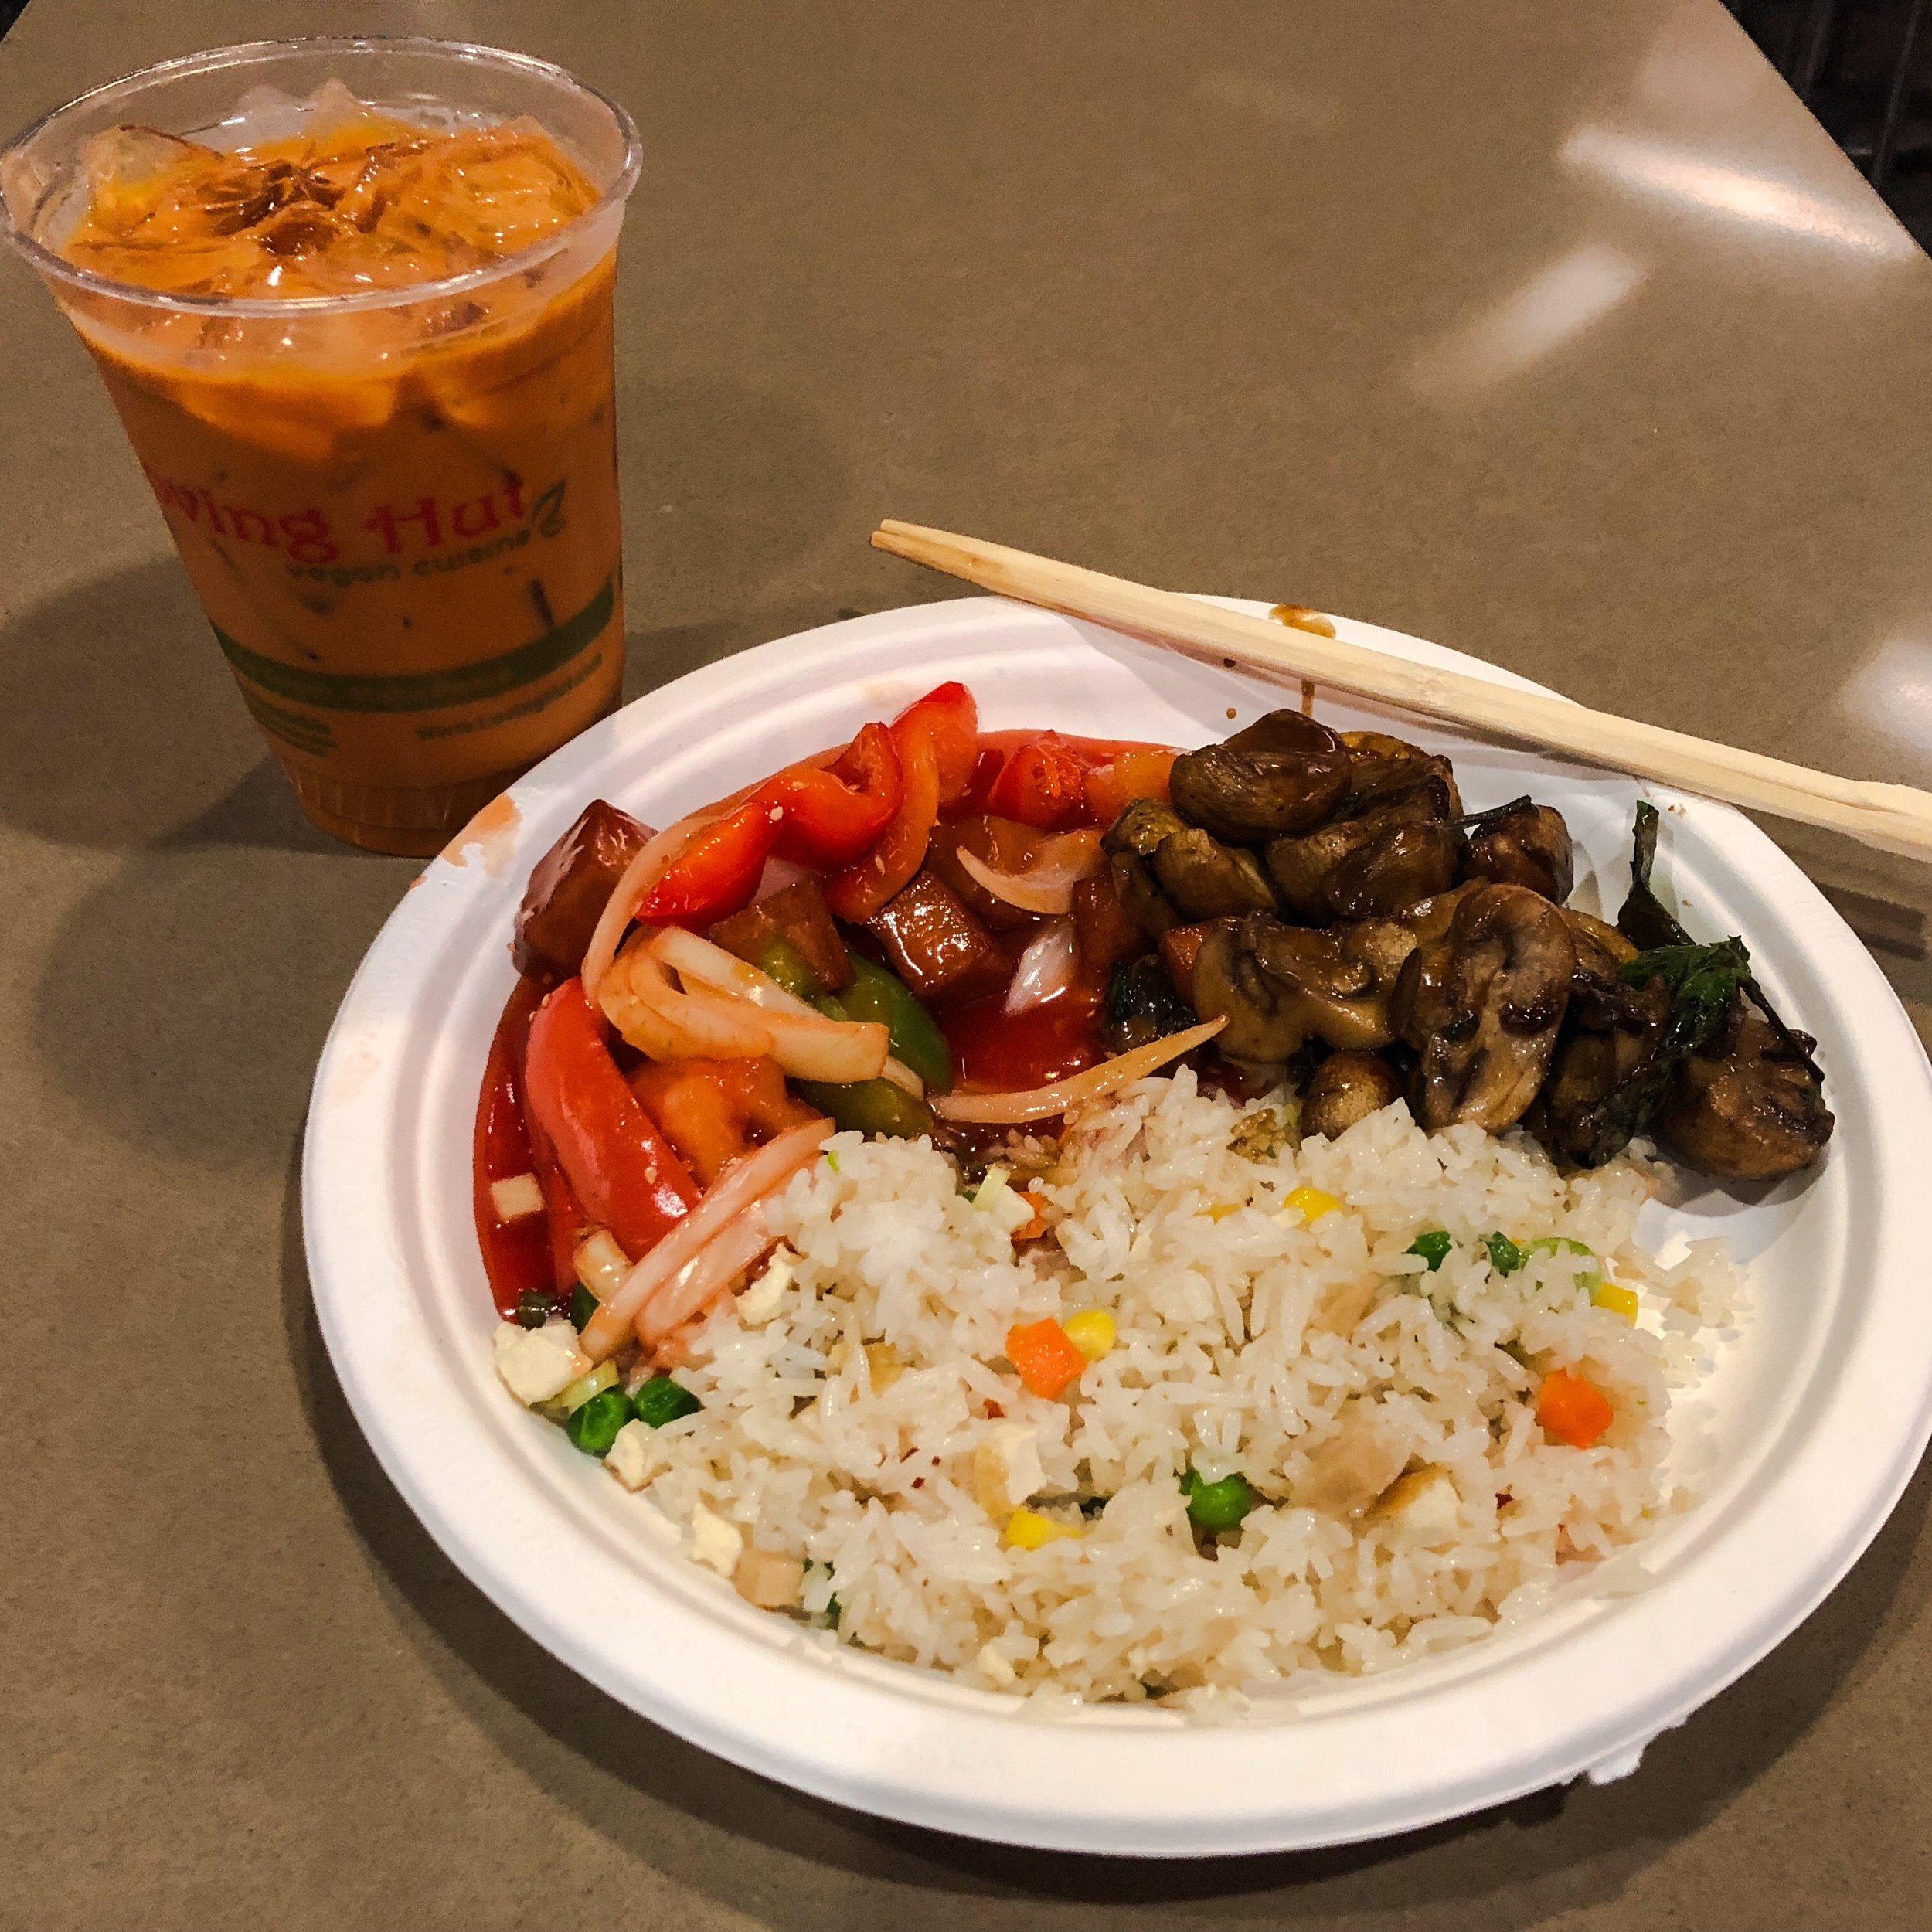 Vegan Thai iced tea with my meal.